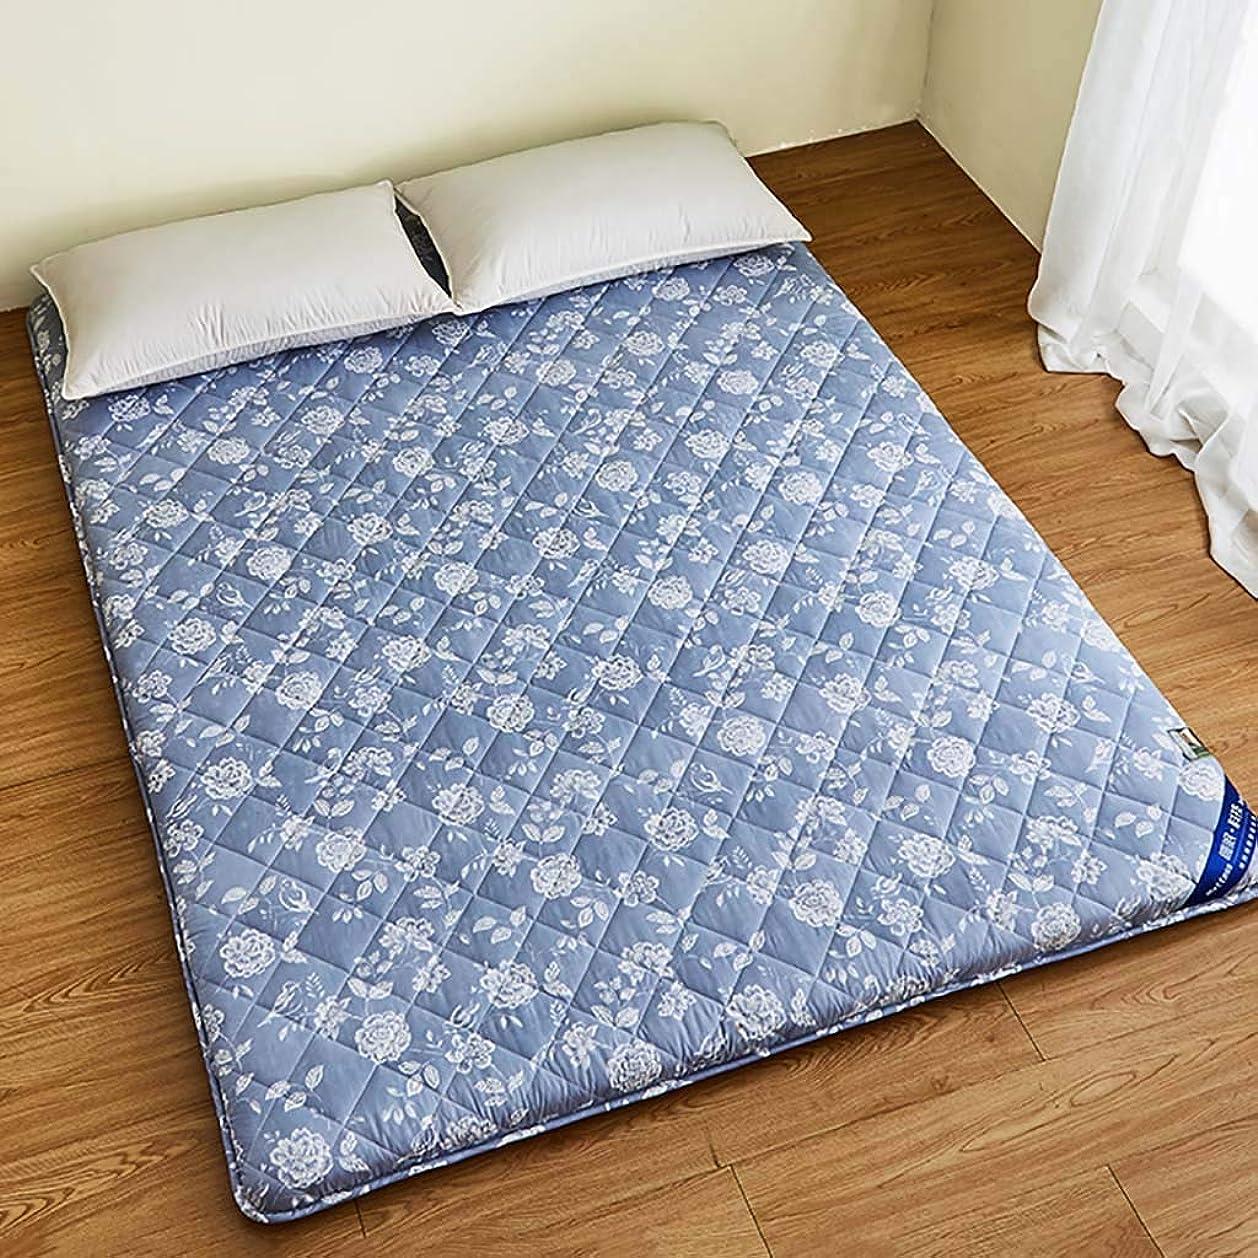 コンバーチブル第二テレビを見るパッド 畳マットレス,折りたたみ 暖かい 竹炭 スリーピングマット 通気性 じゃない-スリップ 布団パッド 伝統的です 日本語 ドミトリーマットレス-a 150x190cm(59x75inch)